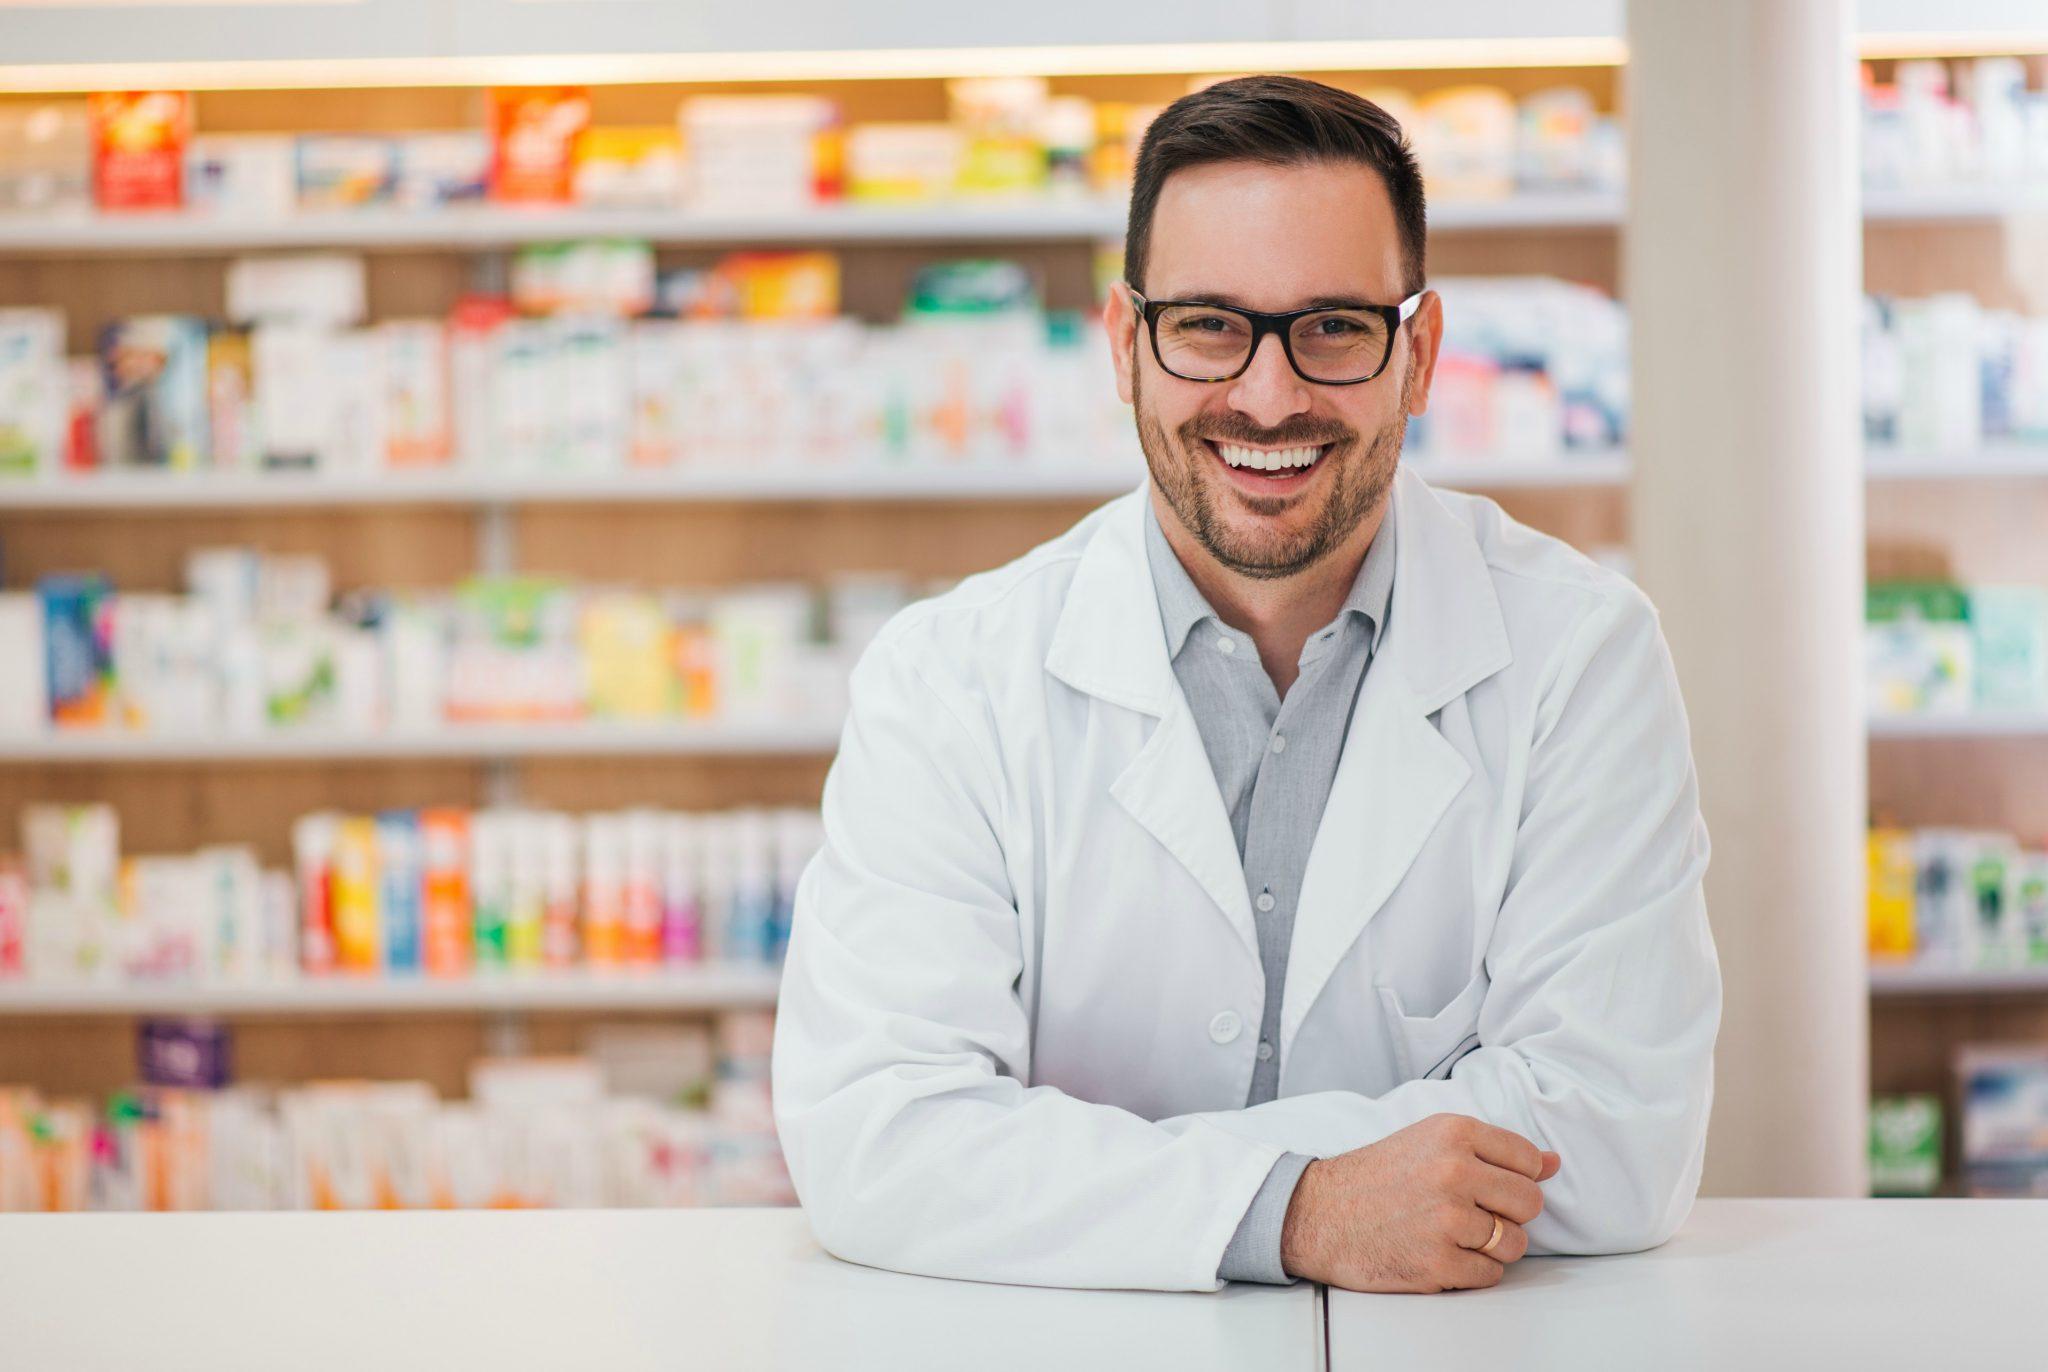 Piso salarial do farmacêutico